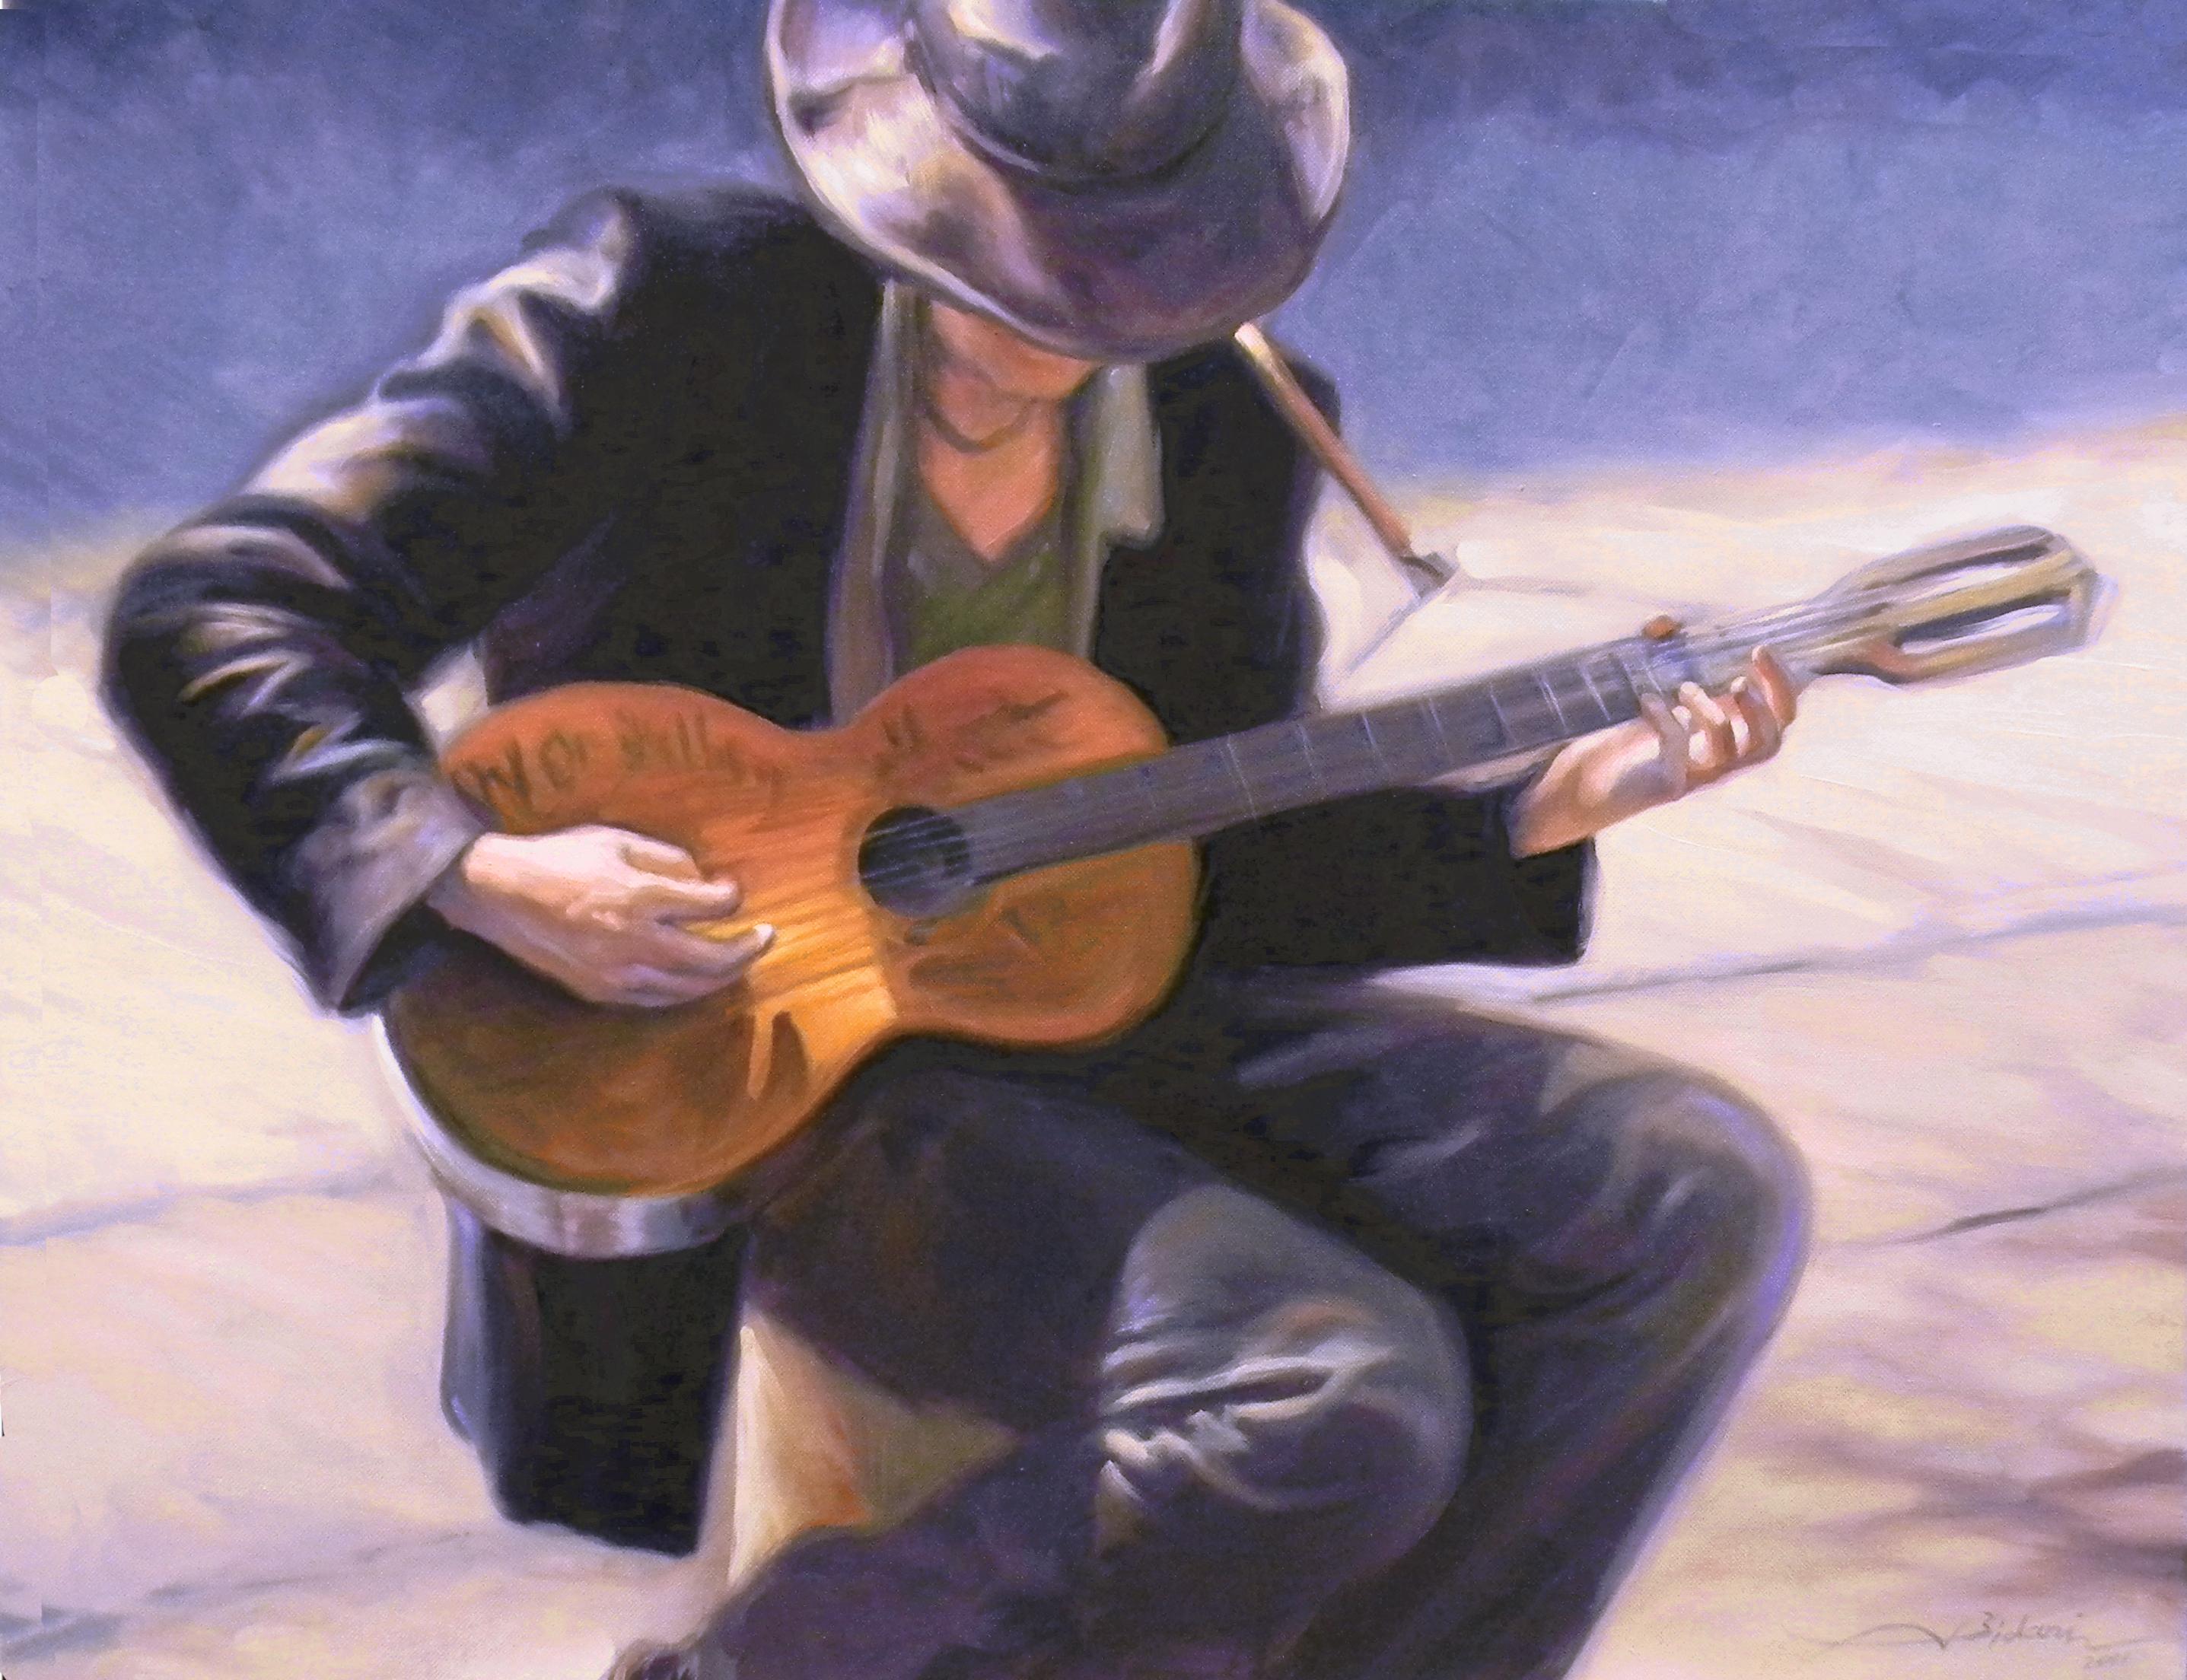 Sidewalk Guitar Player